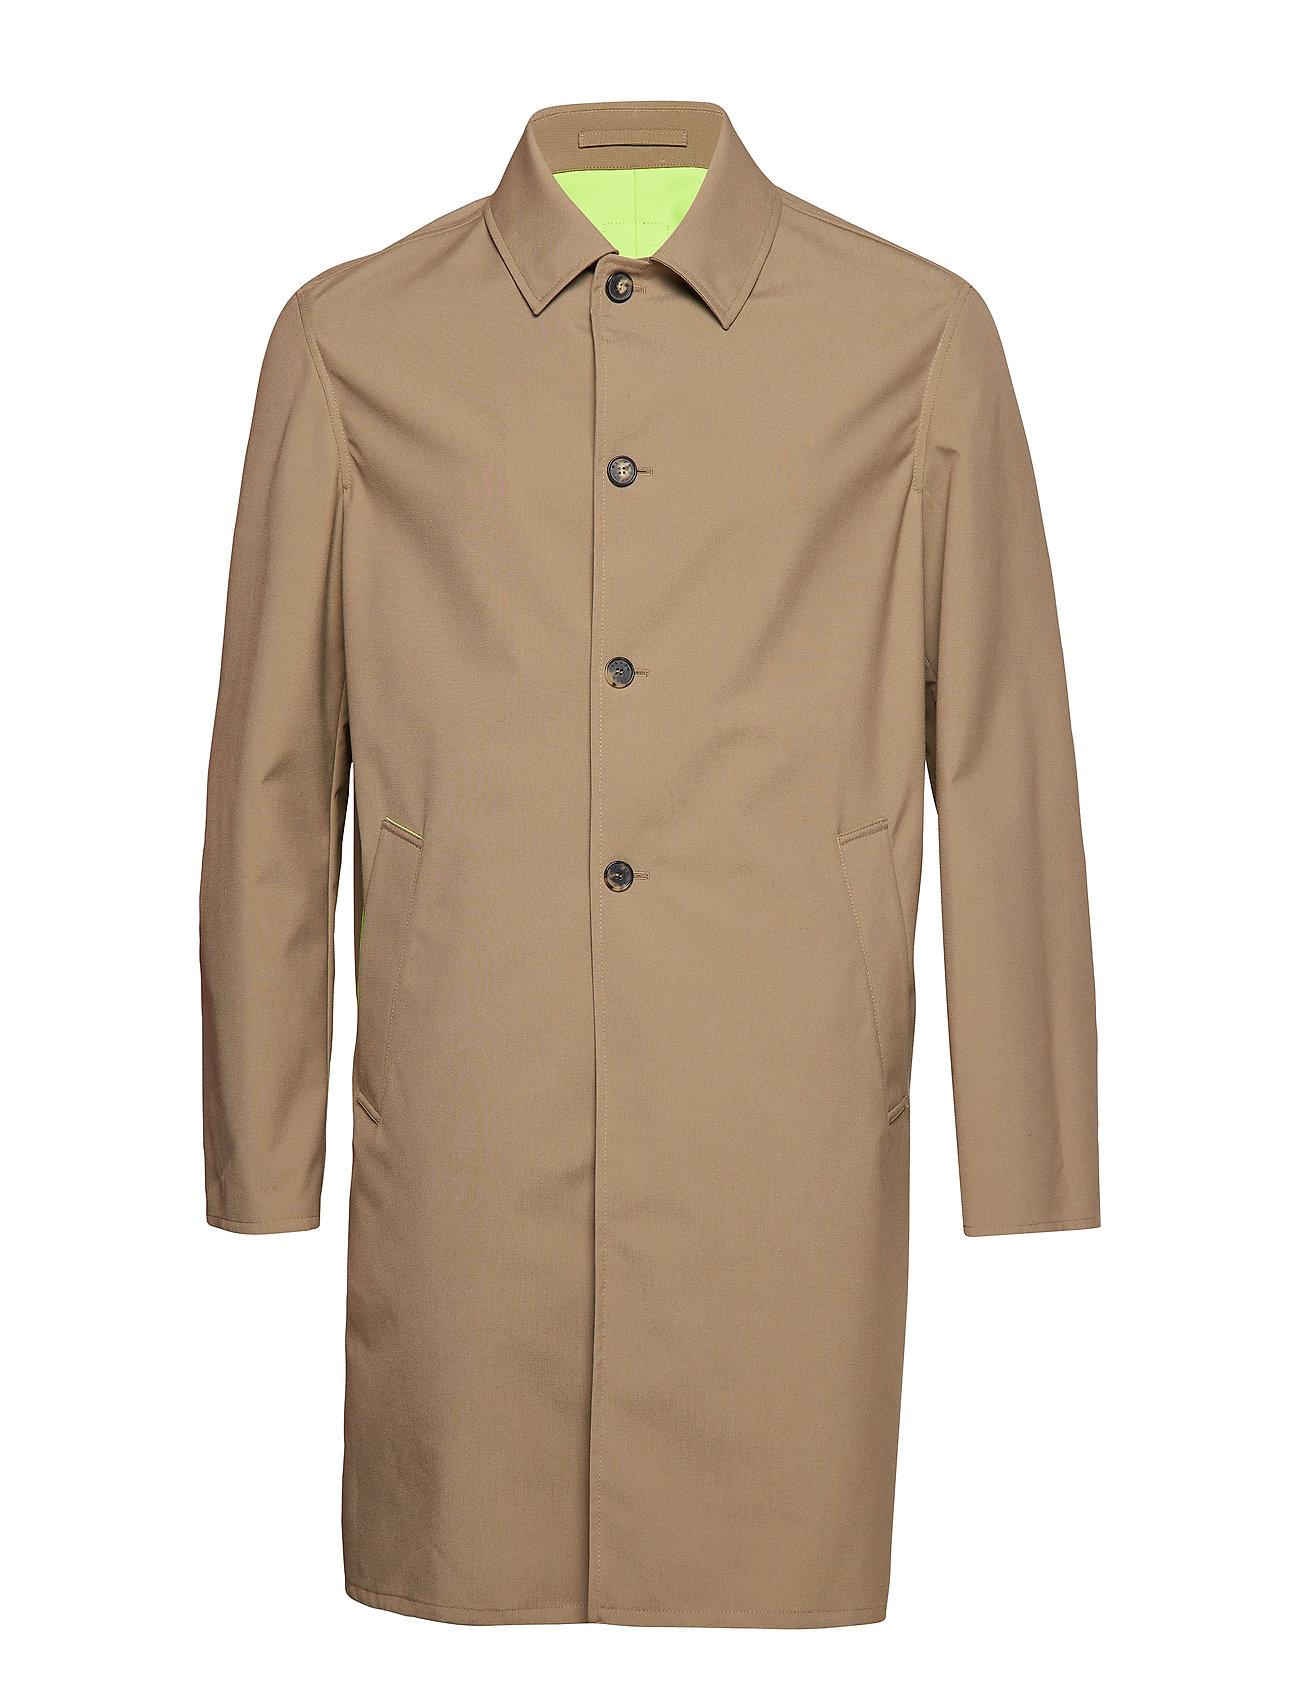 Kenzo Rain Coat Main - DARK BEIGE